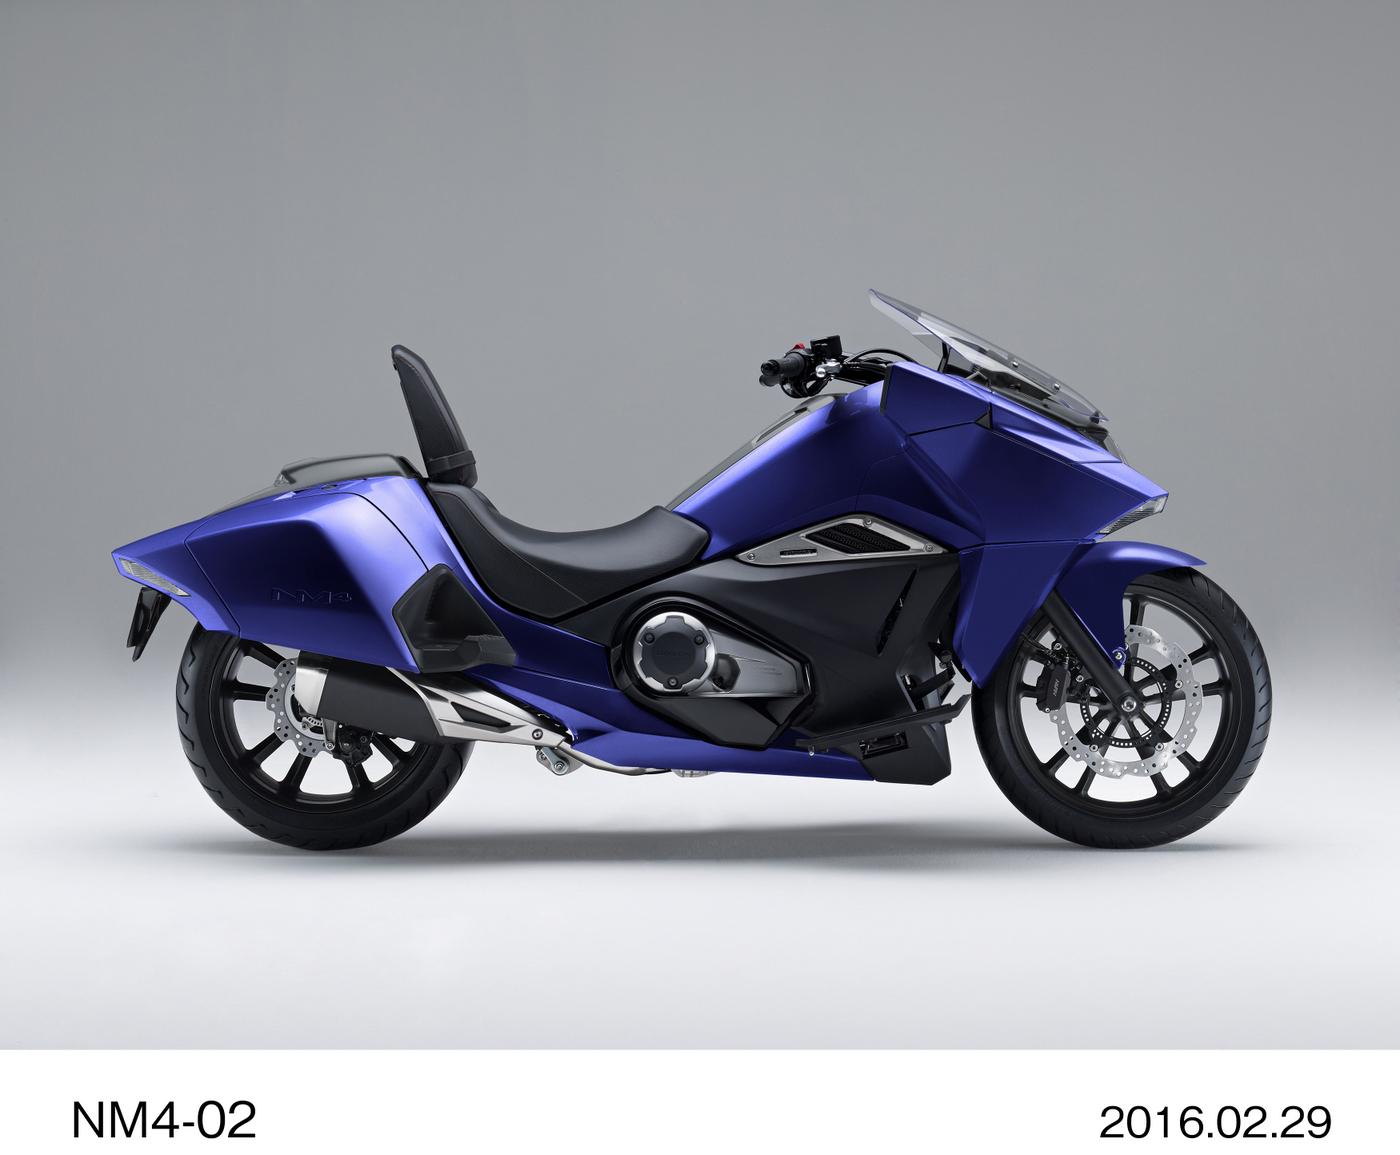 Honda NM4 tweaked